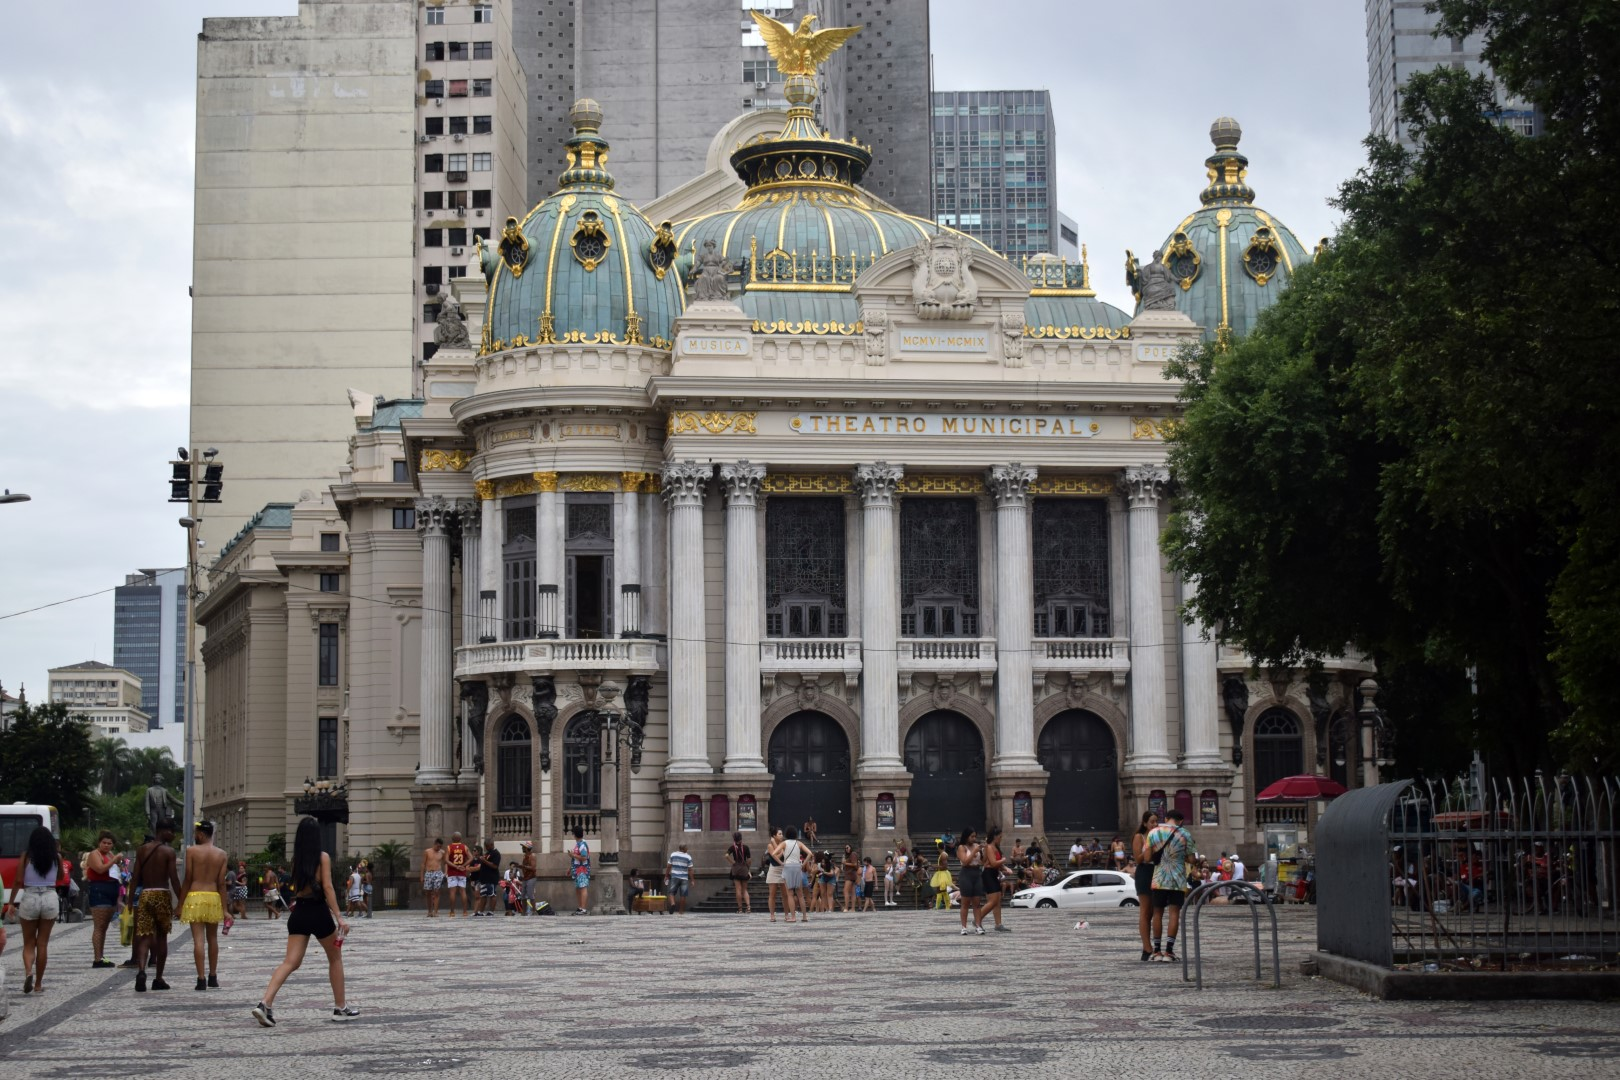 Praça Floriano, Centro, Rio de Janeiro